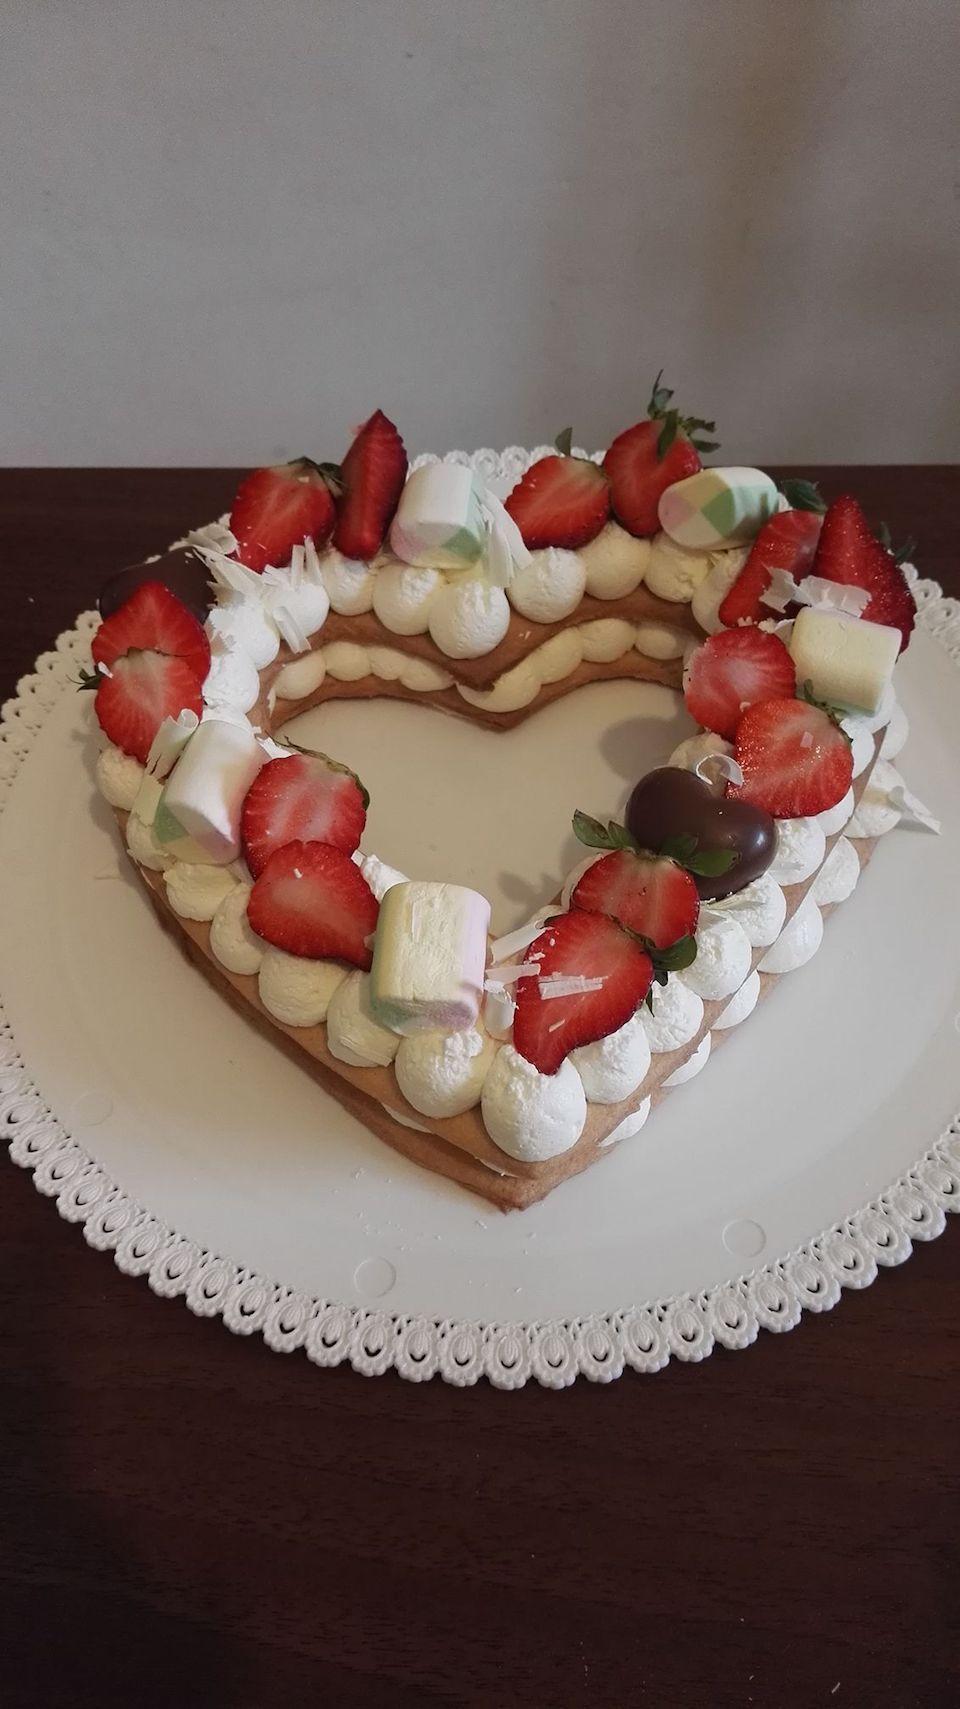 Cream Tart Tante Idee Per Torte A Forma Di Lettere E Numeri Torta